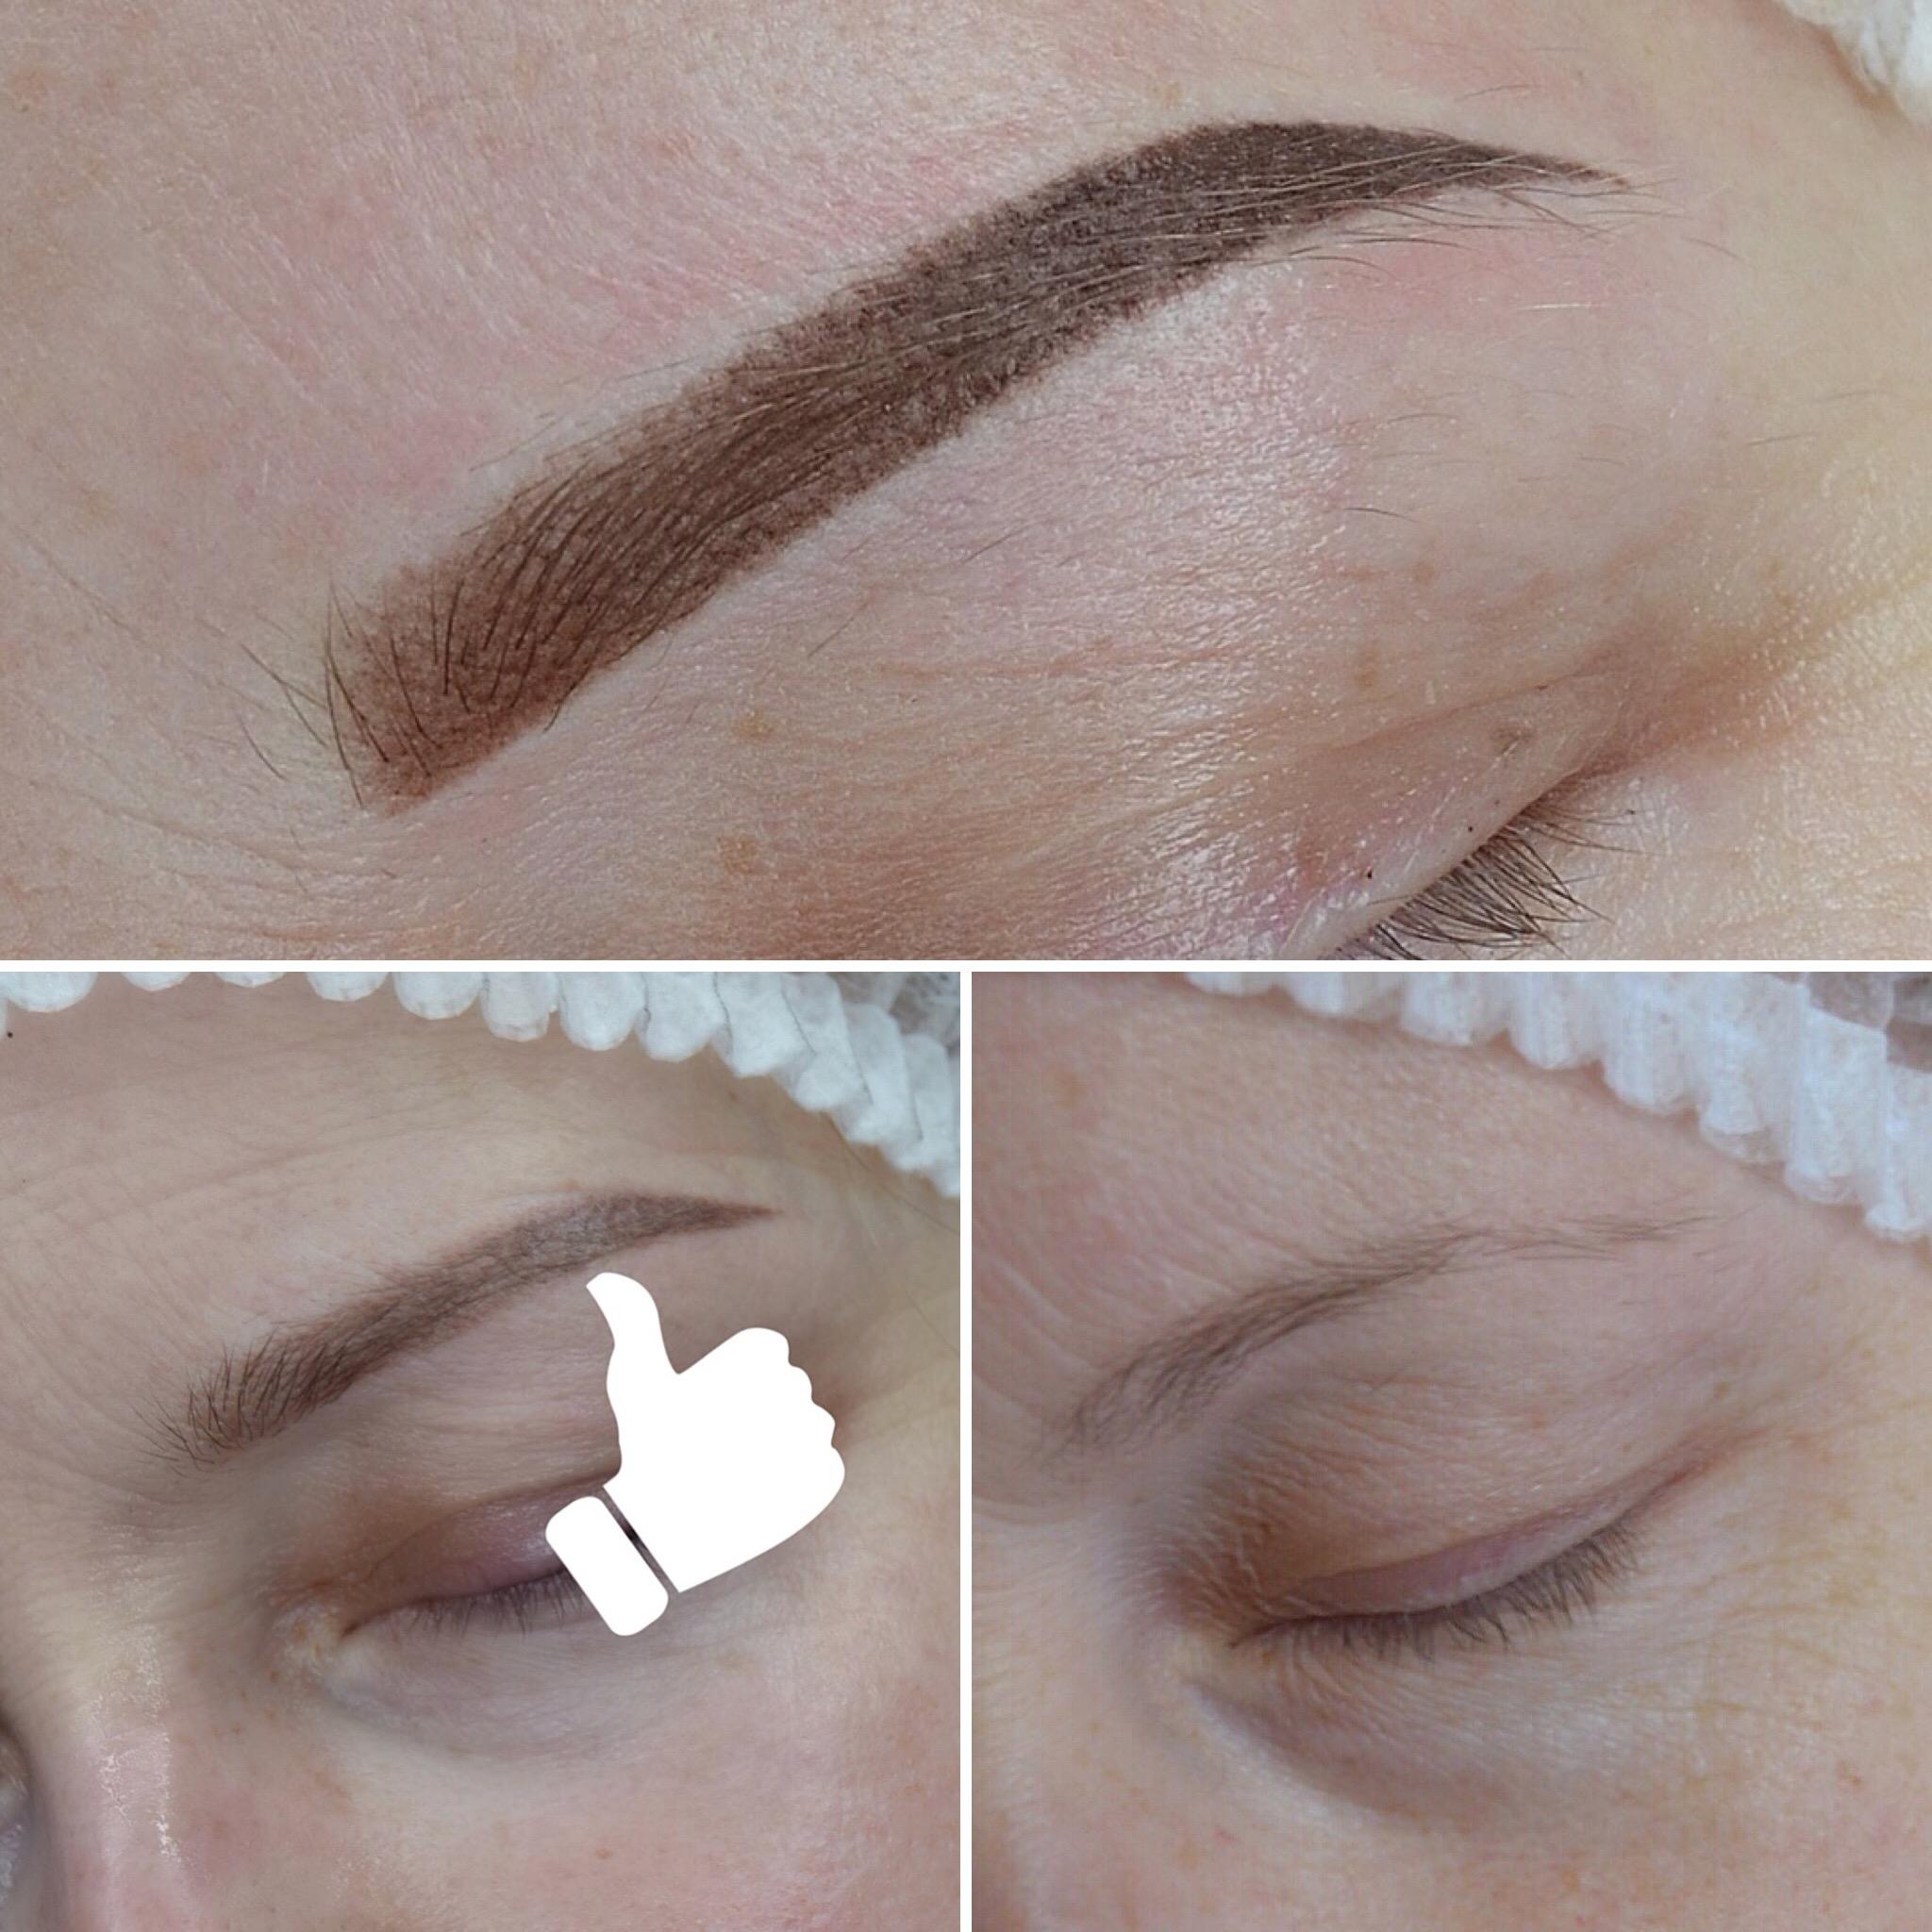 Пудровые брови: до, после процедуры и после заживления. Пудровые зажившие брови в Иванове